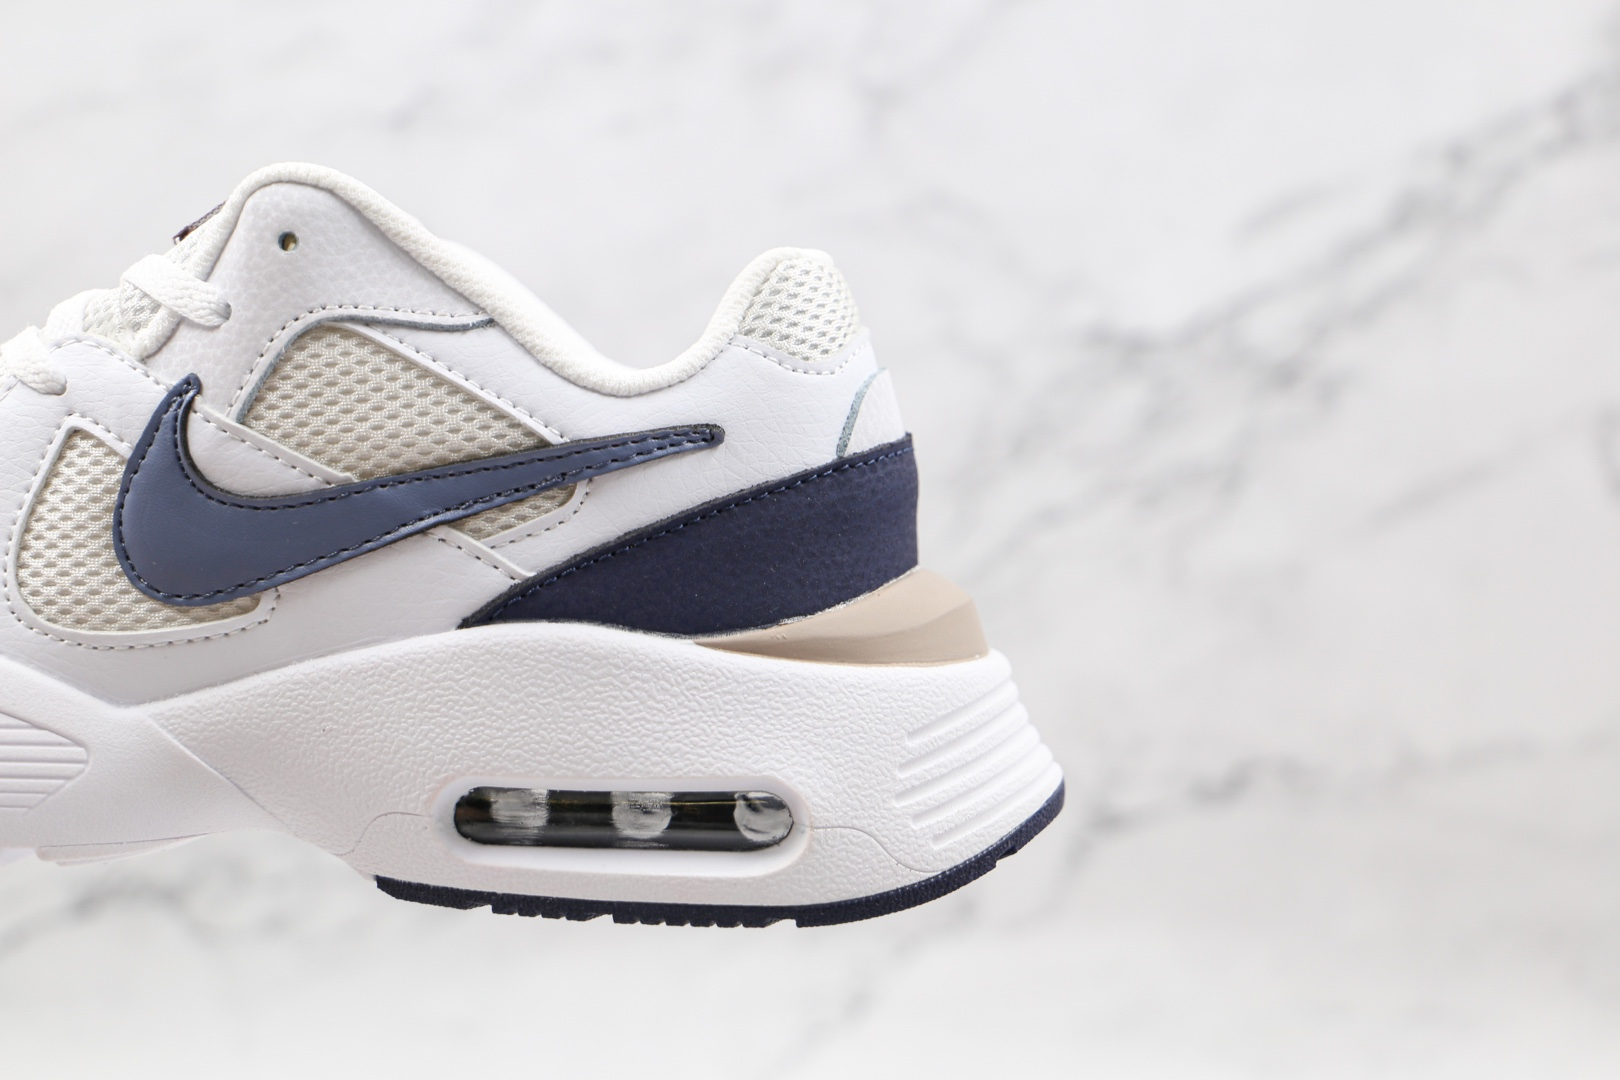 耐克Nike Air Max Fusion 2020纯原版本白灰黑色复古气垫鞋原档案数据开发 货号:CJ1670-105